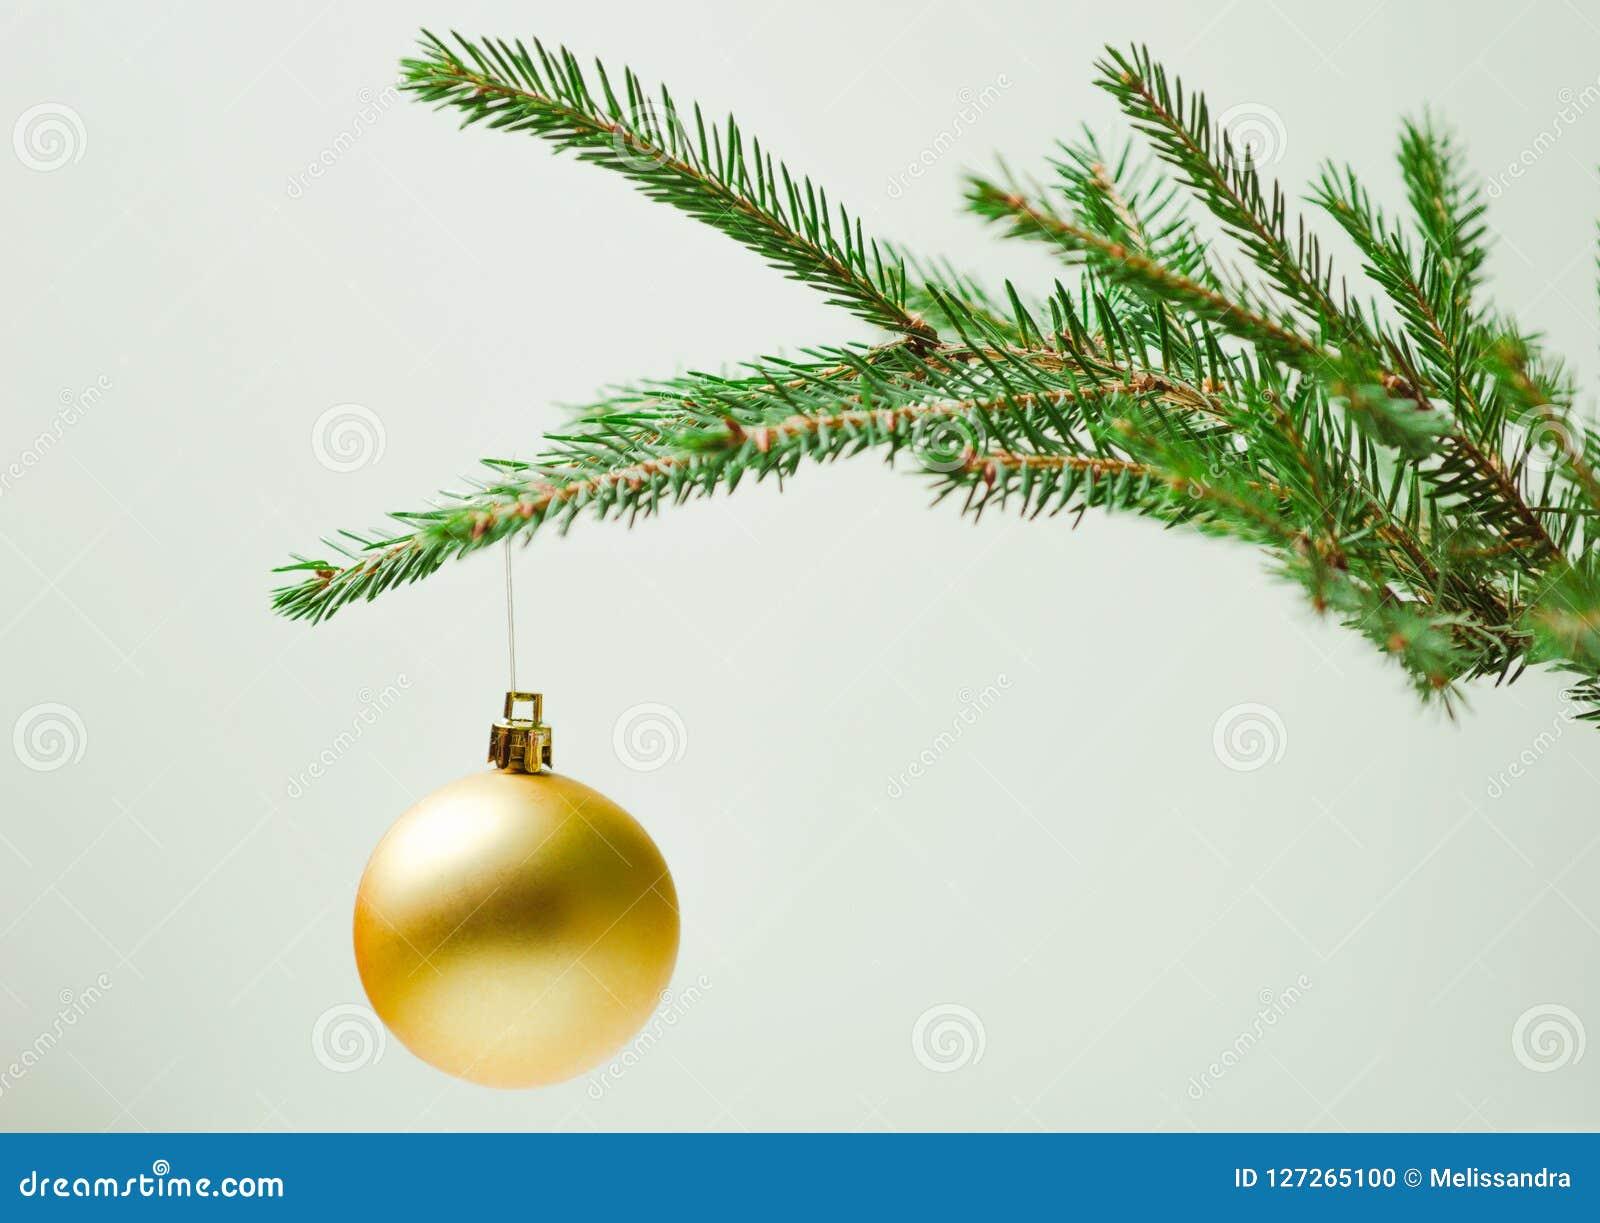 Weihnachtsbaum Ast.Stacheliger Weihnachtsbaumast Auf Einem Hellen Hintergrund Mit Einem